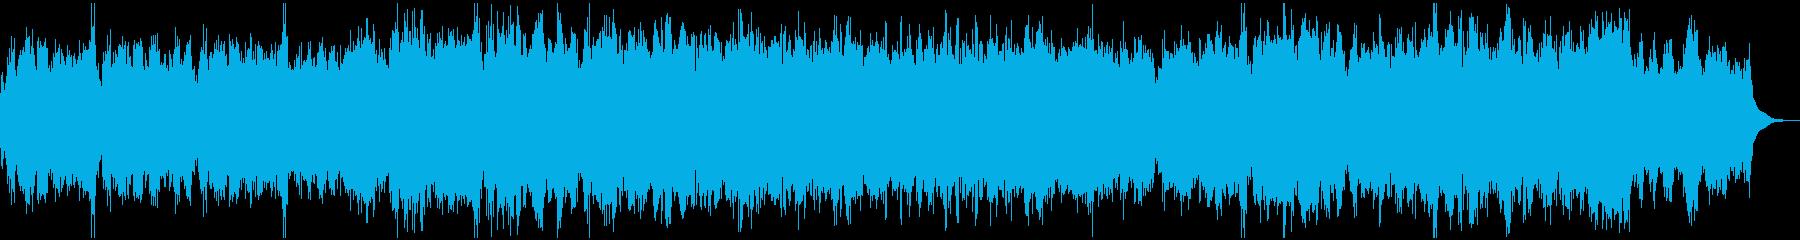 弦楽にオルガンと合唱を入れた大編成の曲の再生済みの波形